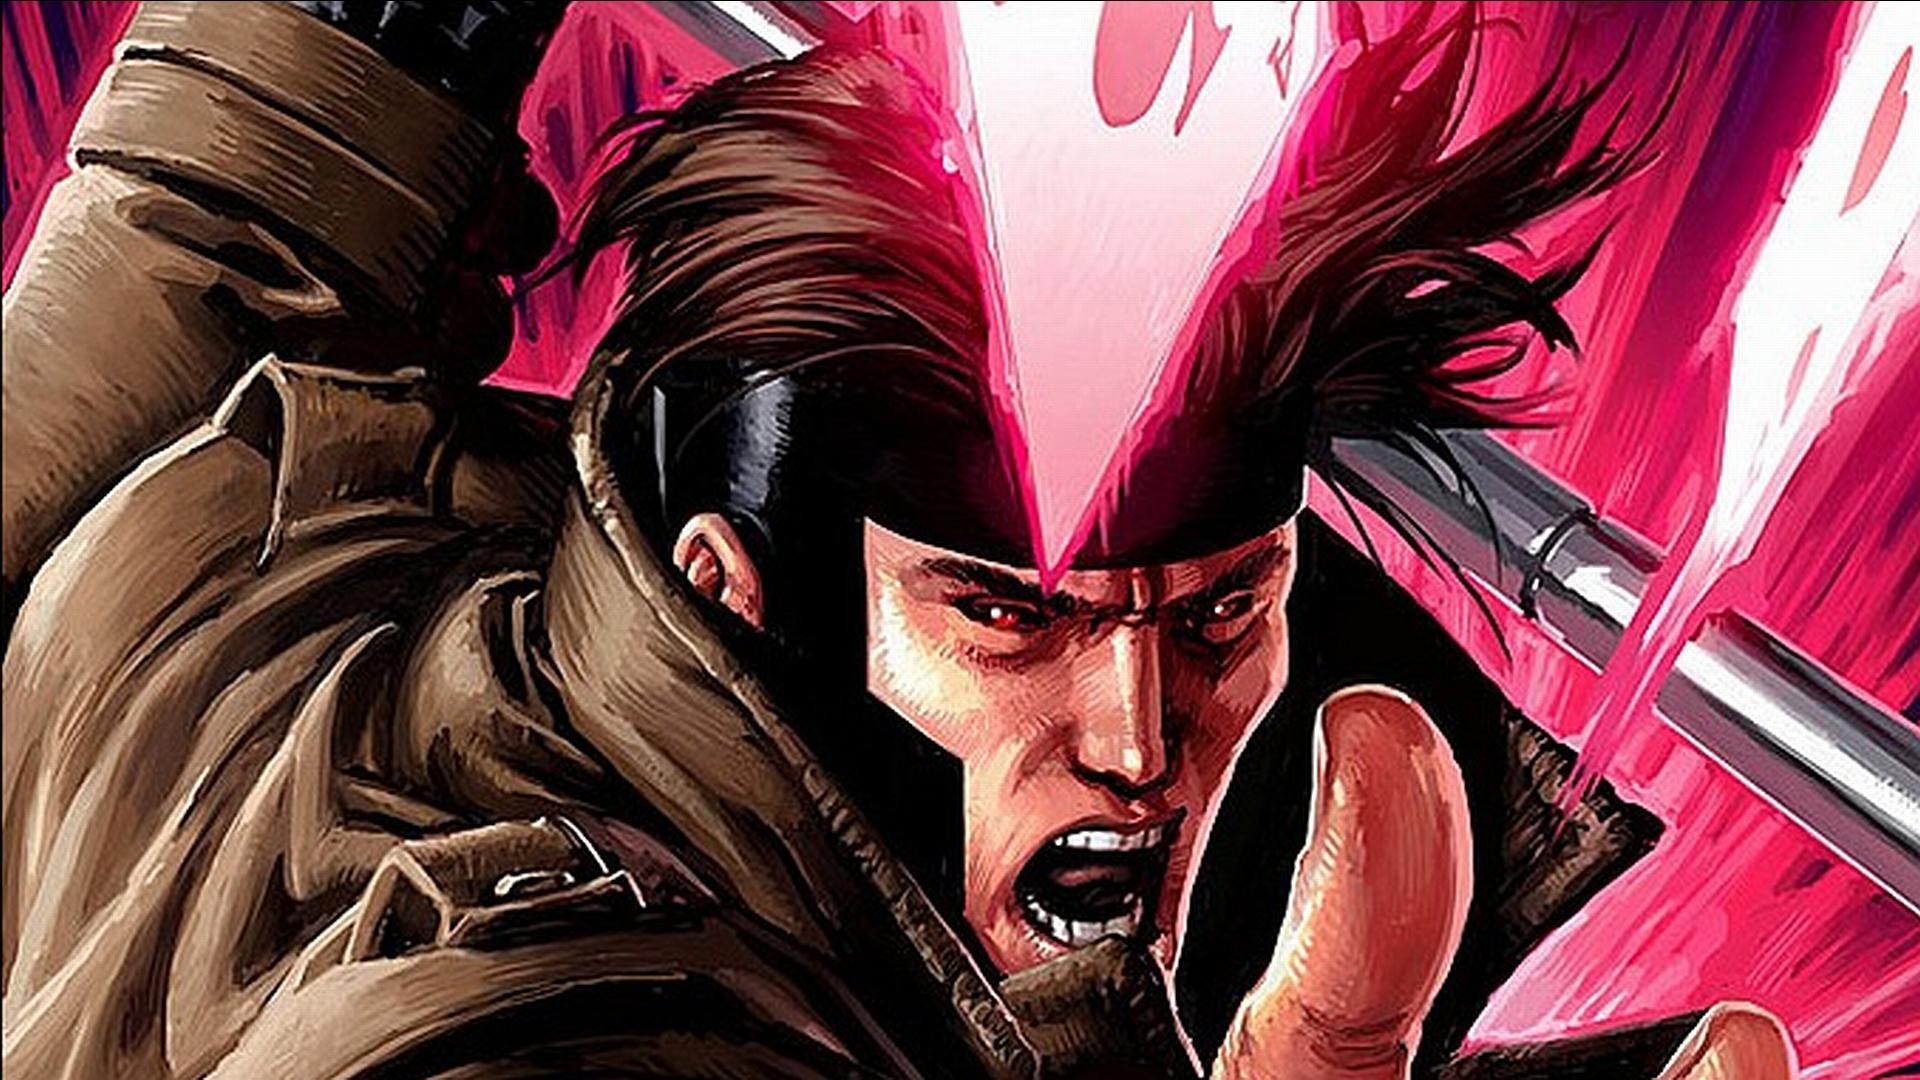 X Men Bilder Gambit Remy Lebeau Hintergründe Hd Hintergrund And